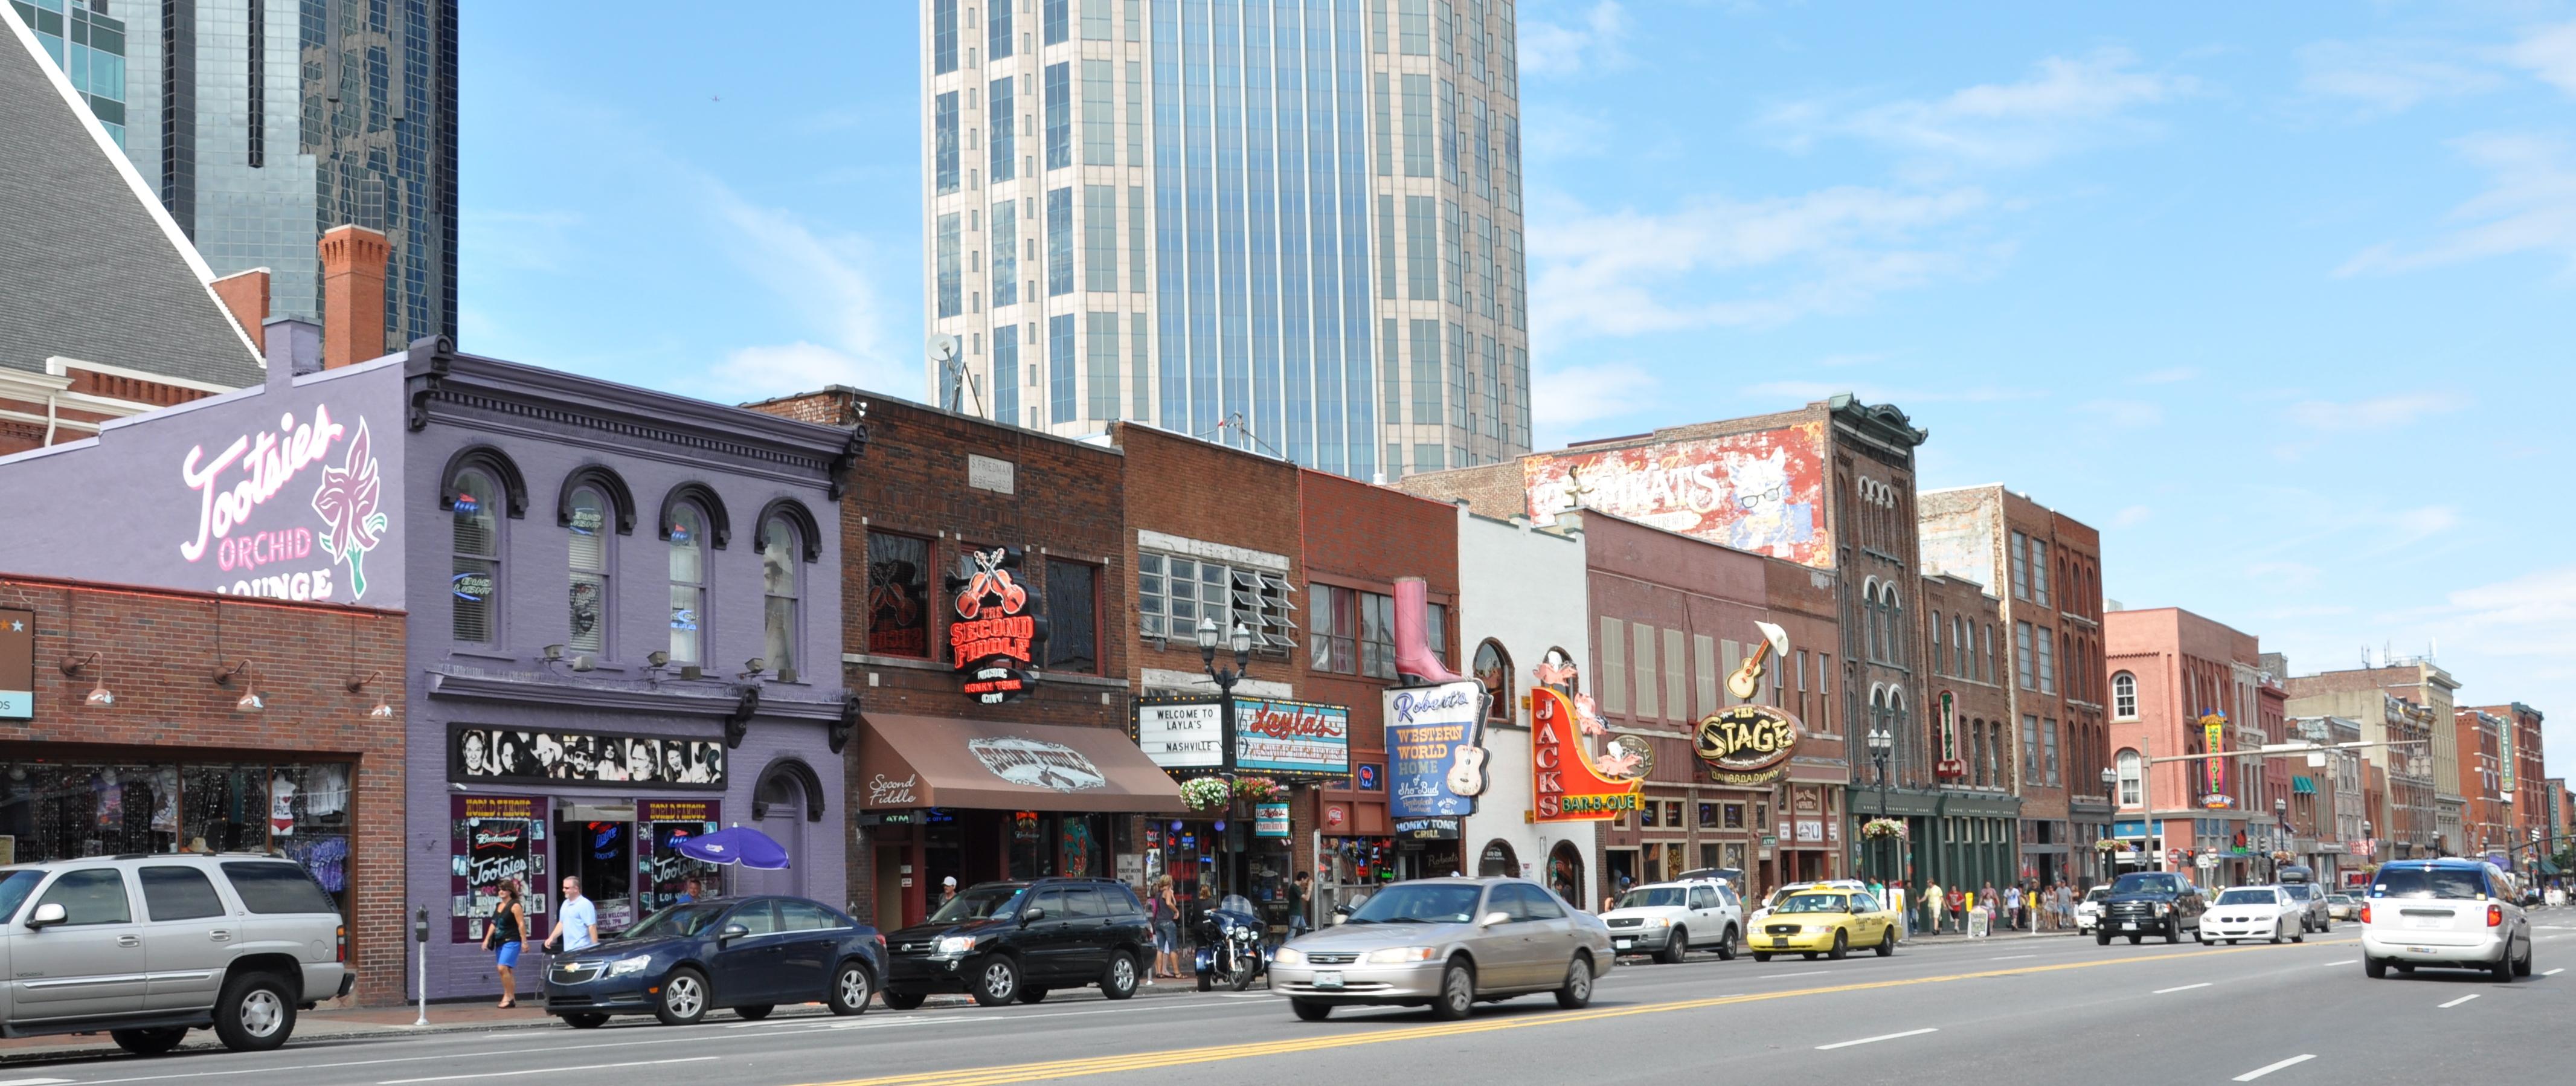 Hotels Downtown Nashville Tn Near Bars